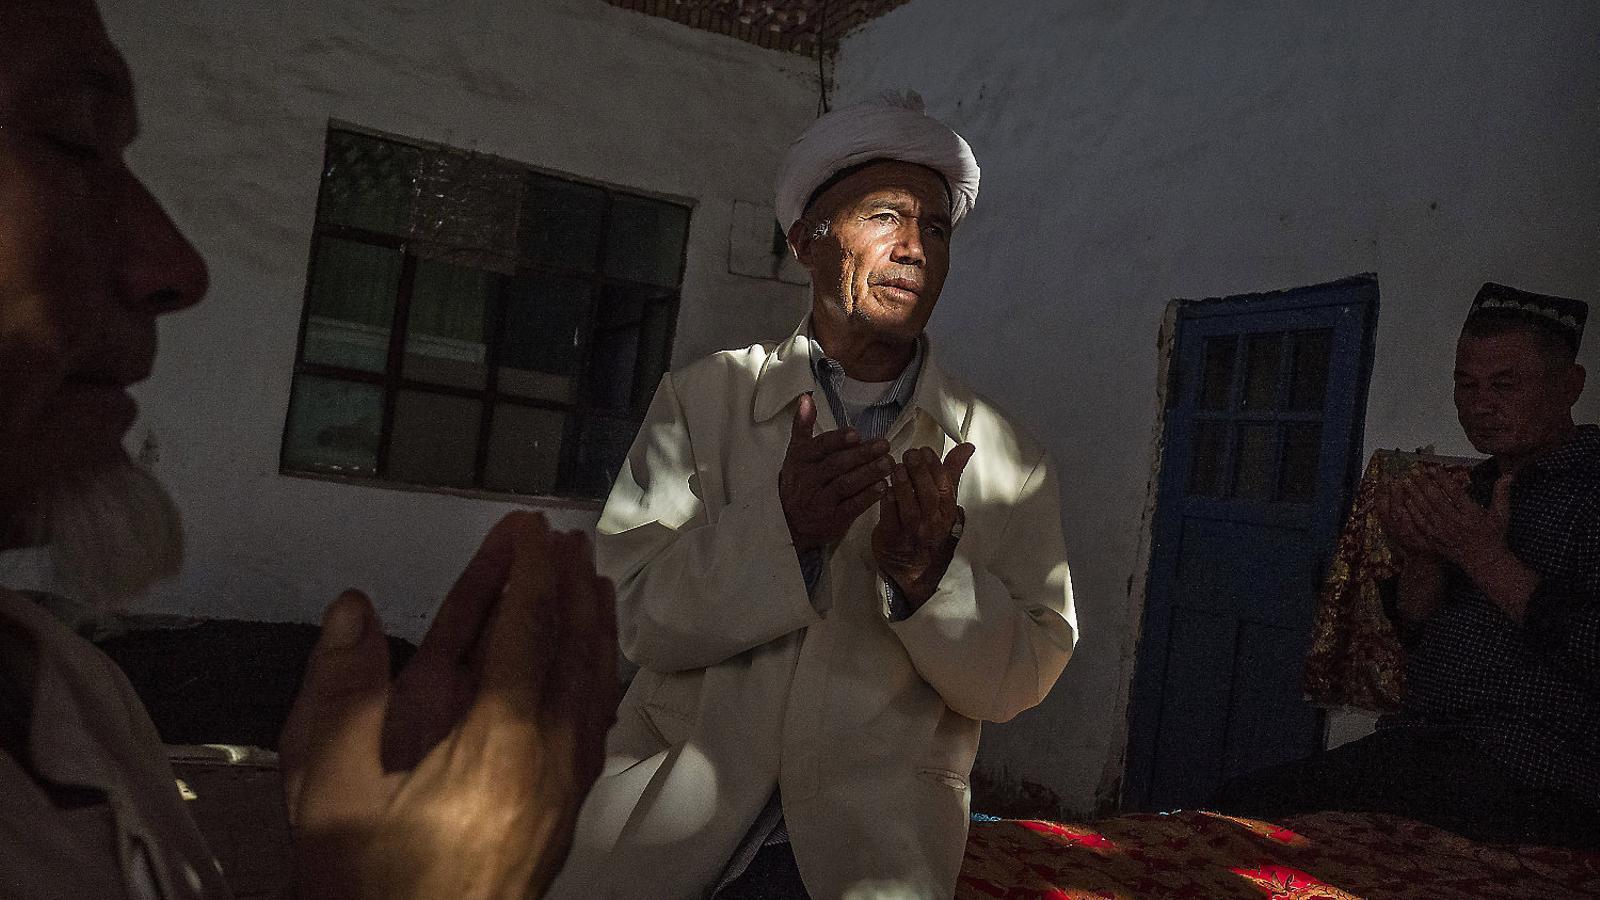 Un home uigur resant durant la festa del sacrifici del 2016 a la província xinesa de Xinjiang, on hi ha majoria de musulmans, molt perseguits pel govern xinès.